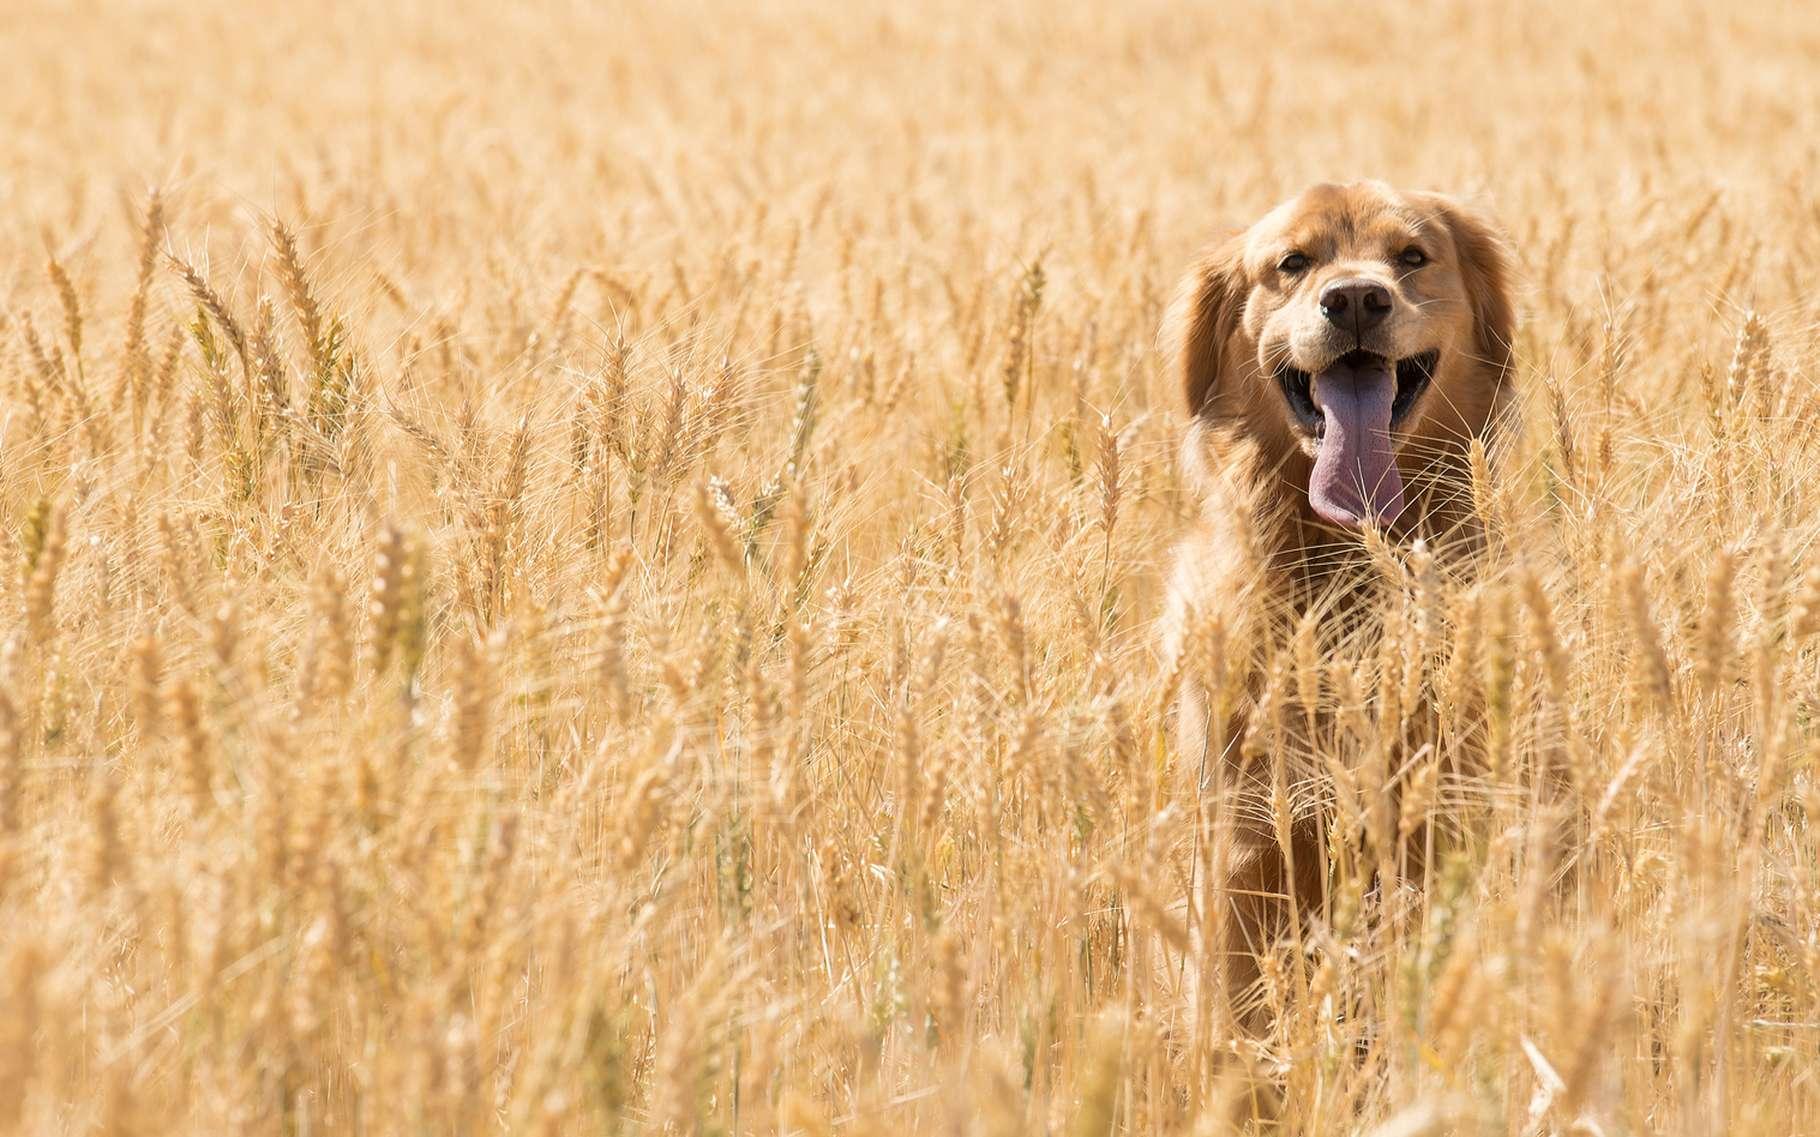 En cohabitant avec des Homo sapiens devenus agriculteurs, les chiens ont acquis les gènes leur permettant de mieux digérer l'amidon. © Mat Hayward, Shutterstock